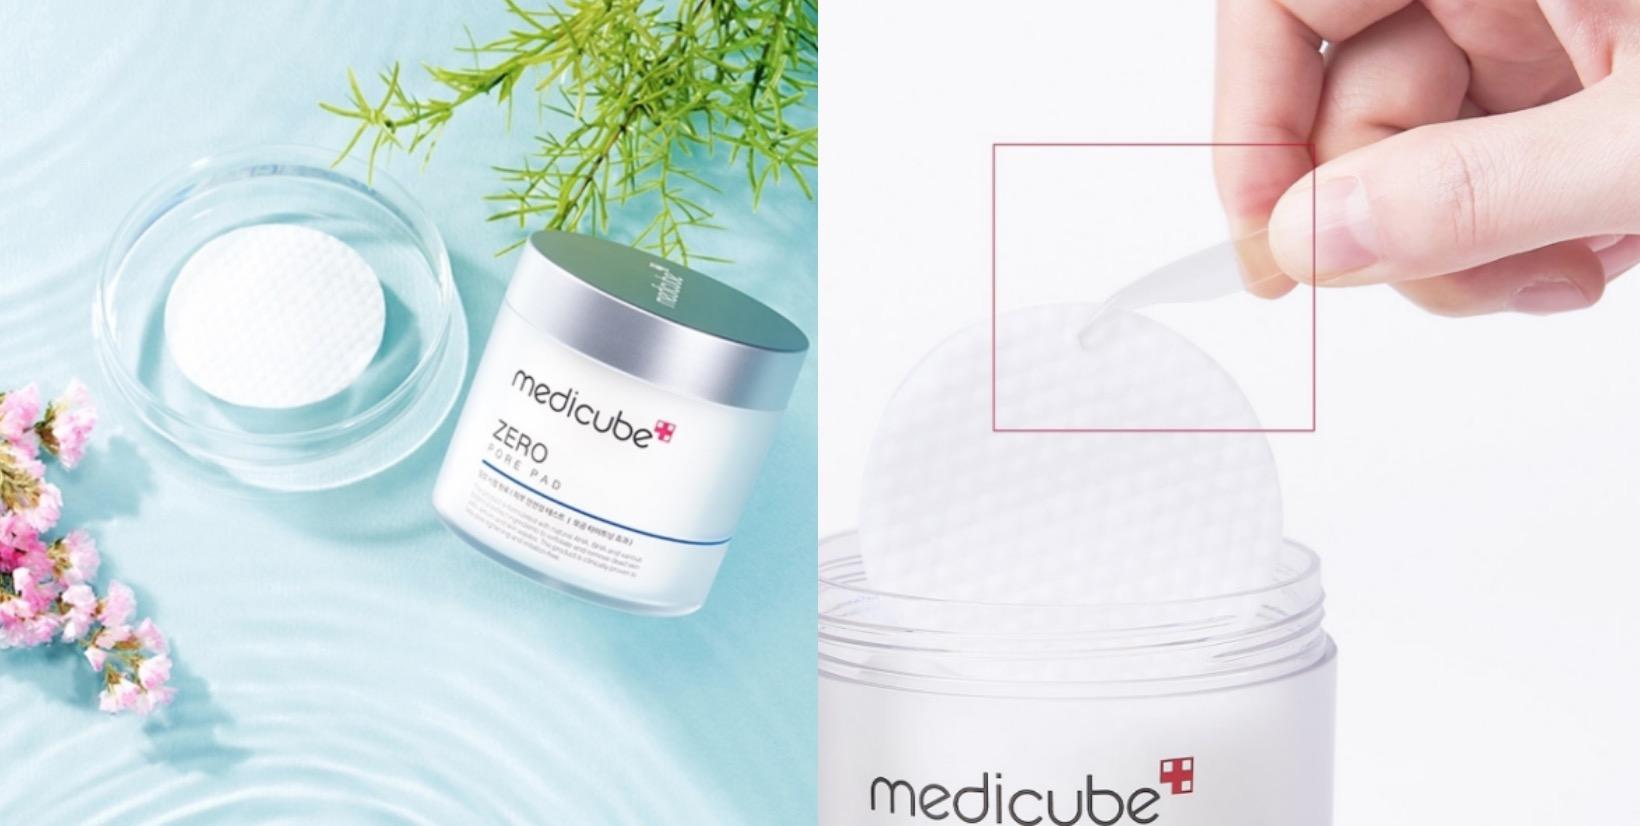 在韓國由國民MC劉在錫代言,通過臨床實驗可緊緻毛孔、去除老廢角質的爽膚棉,能調節皮脂、收縮毛孔,還適用於敏感肌膚。